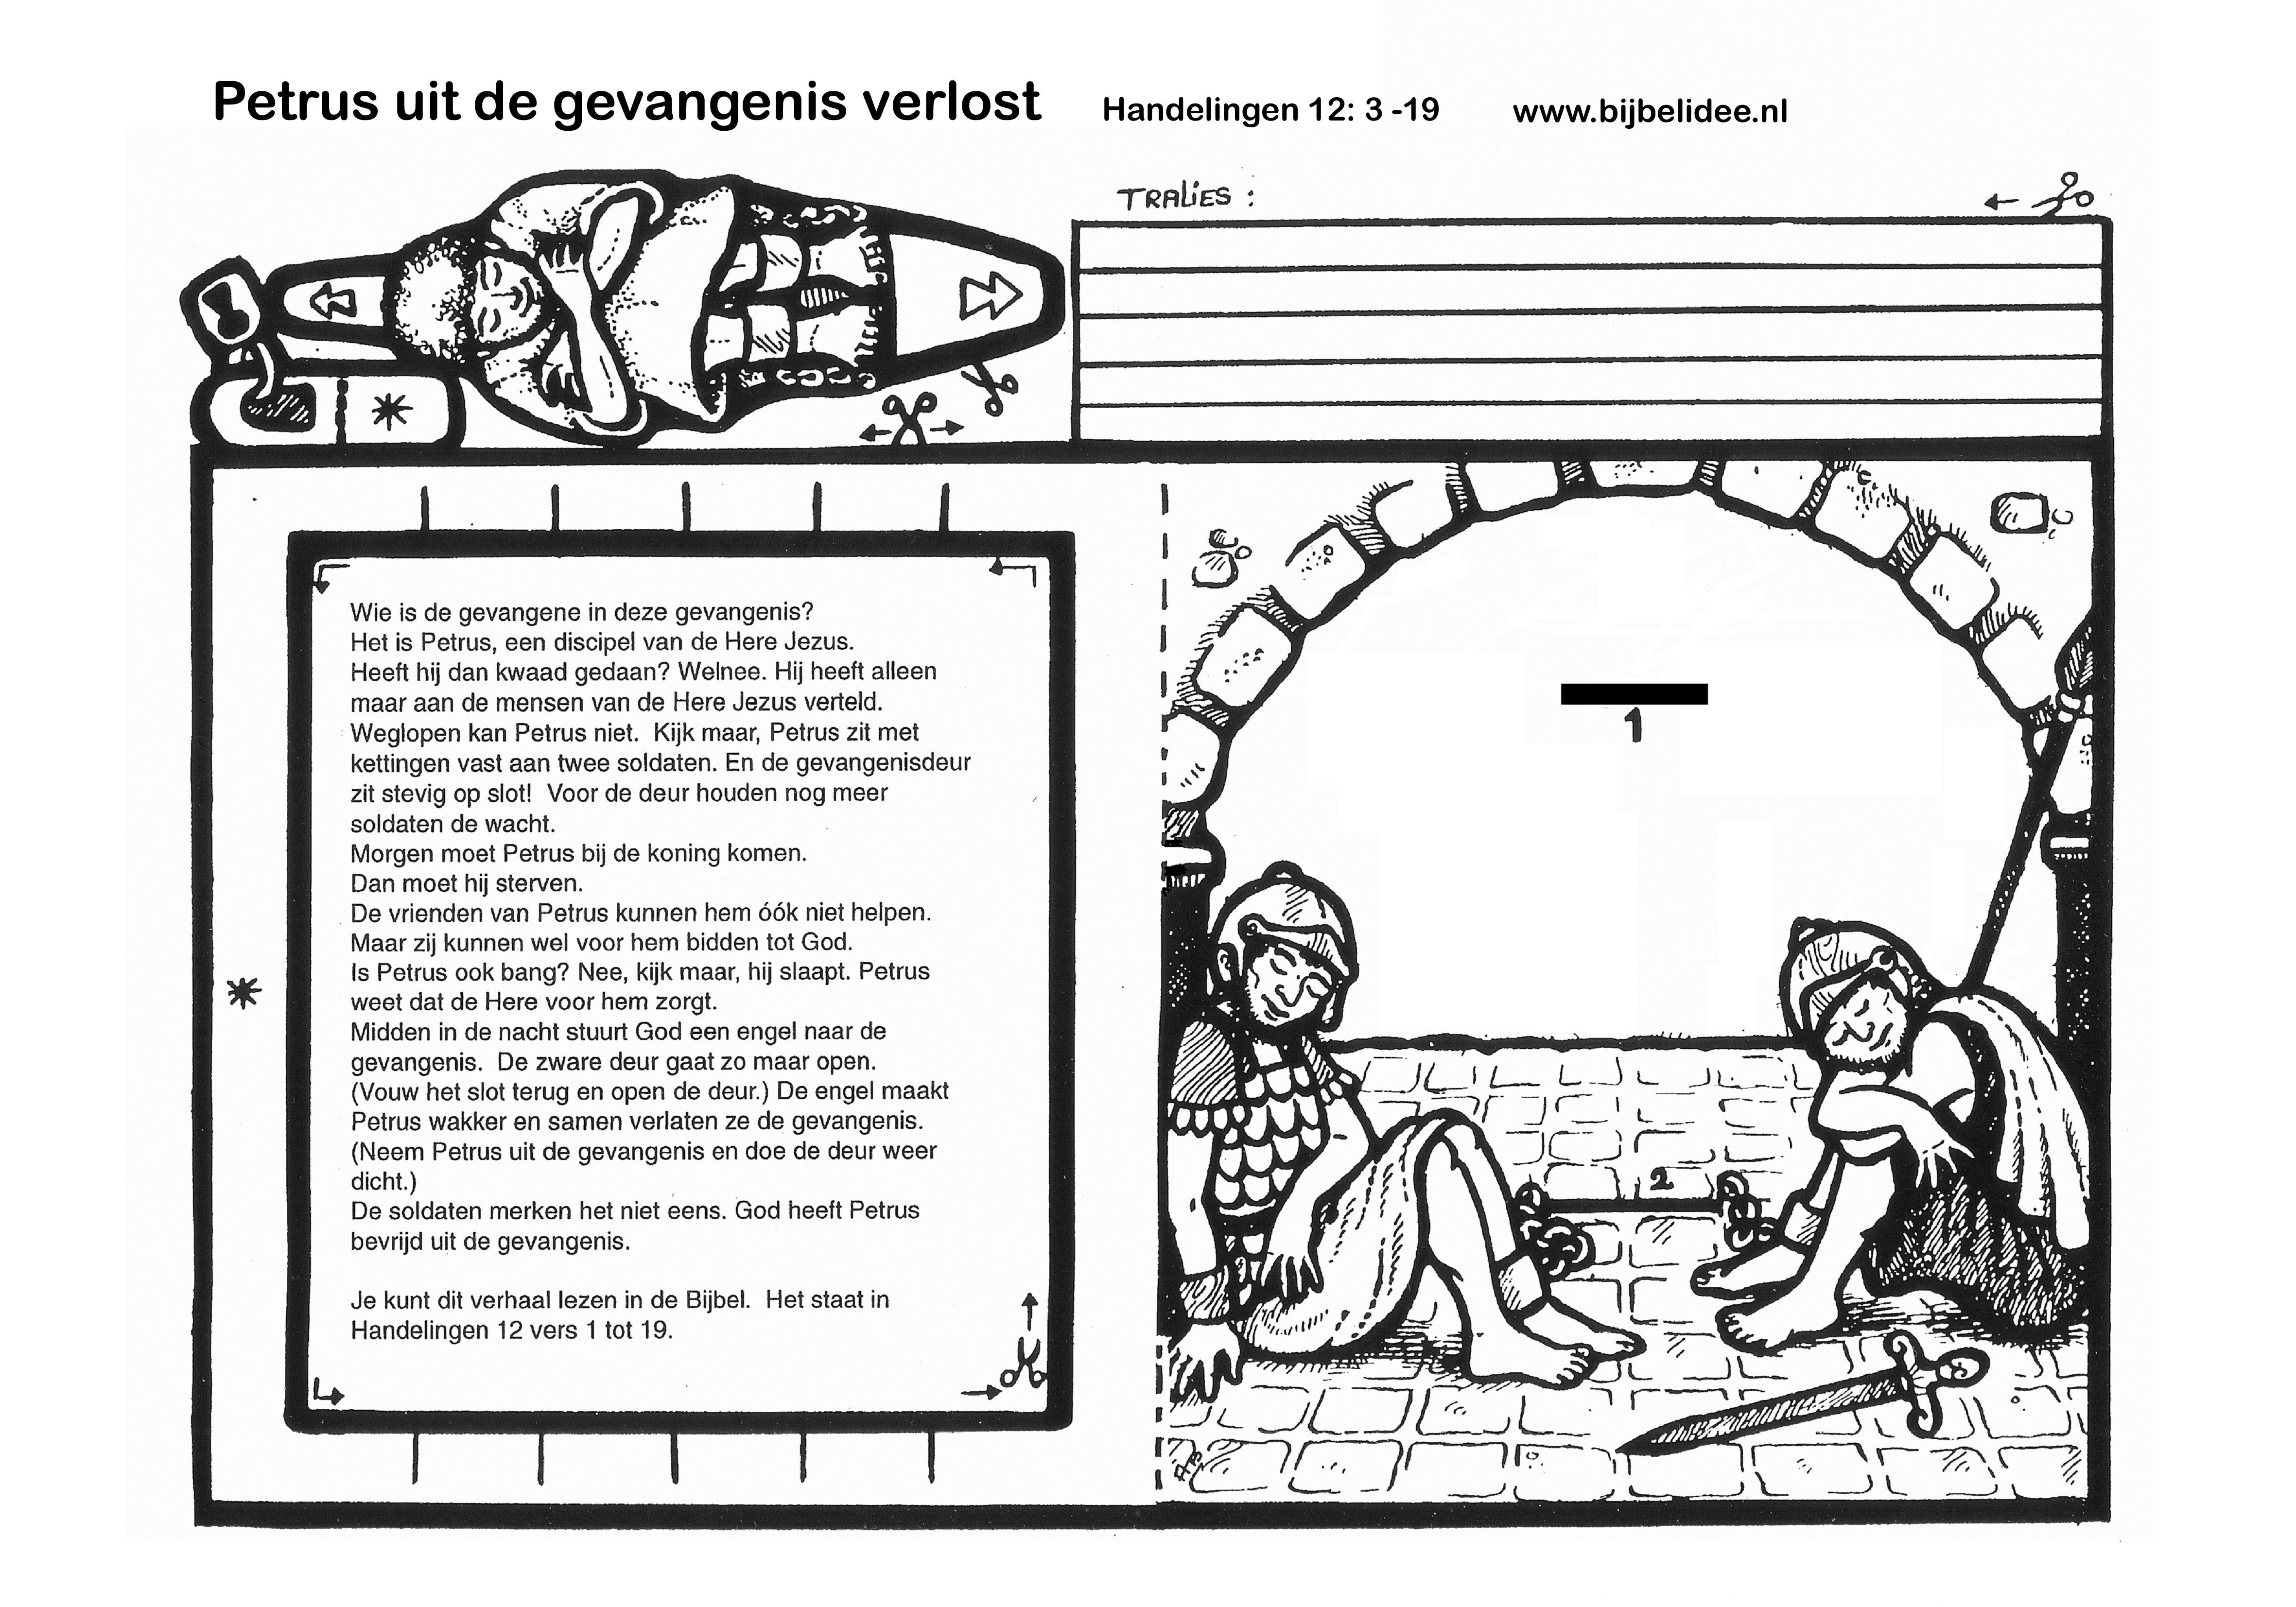 Petrus in de gevangenis Hand 12:3-19 www.bijbelidee